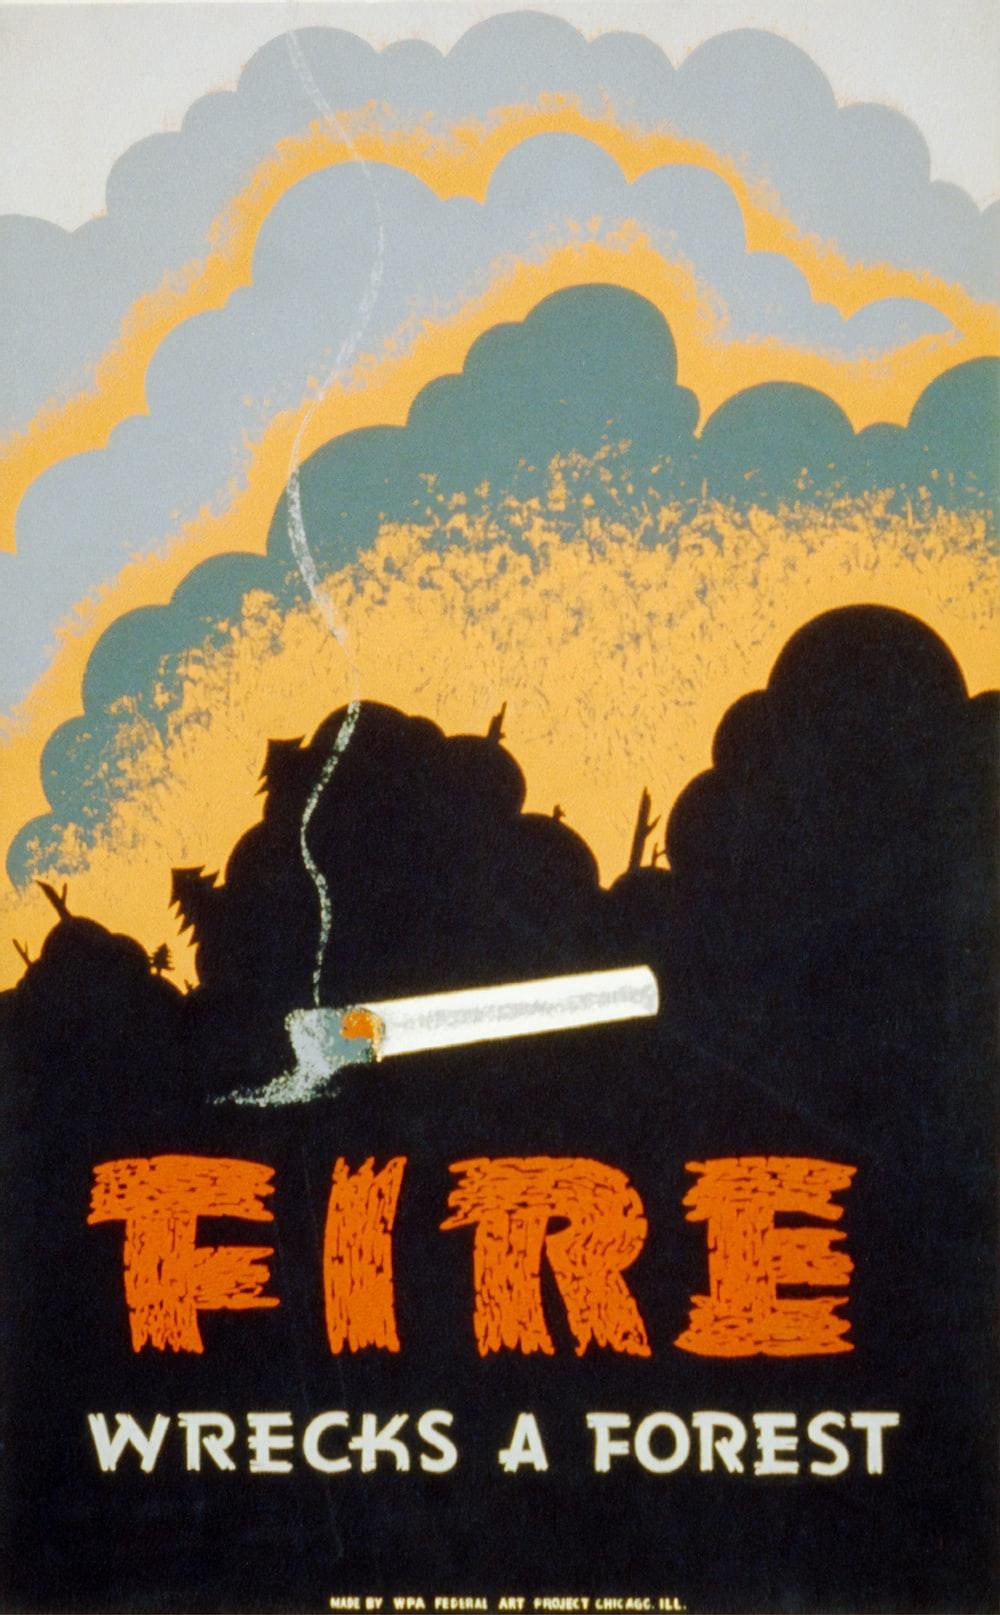 Fire Wrecks a Forest, WPA Poster